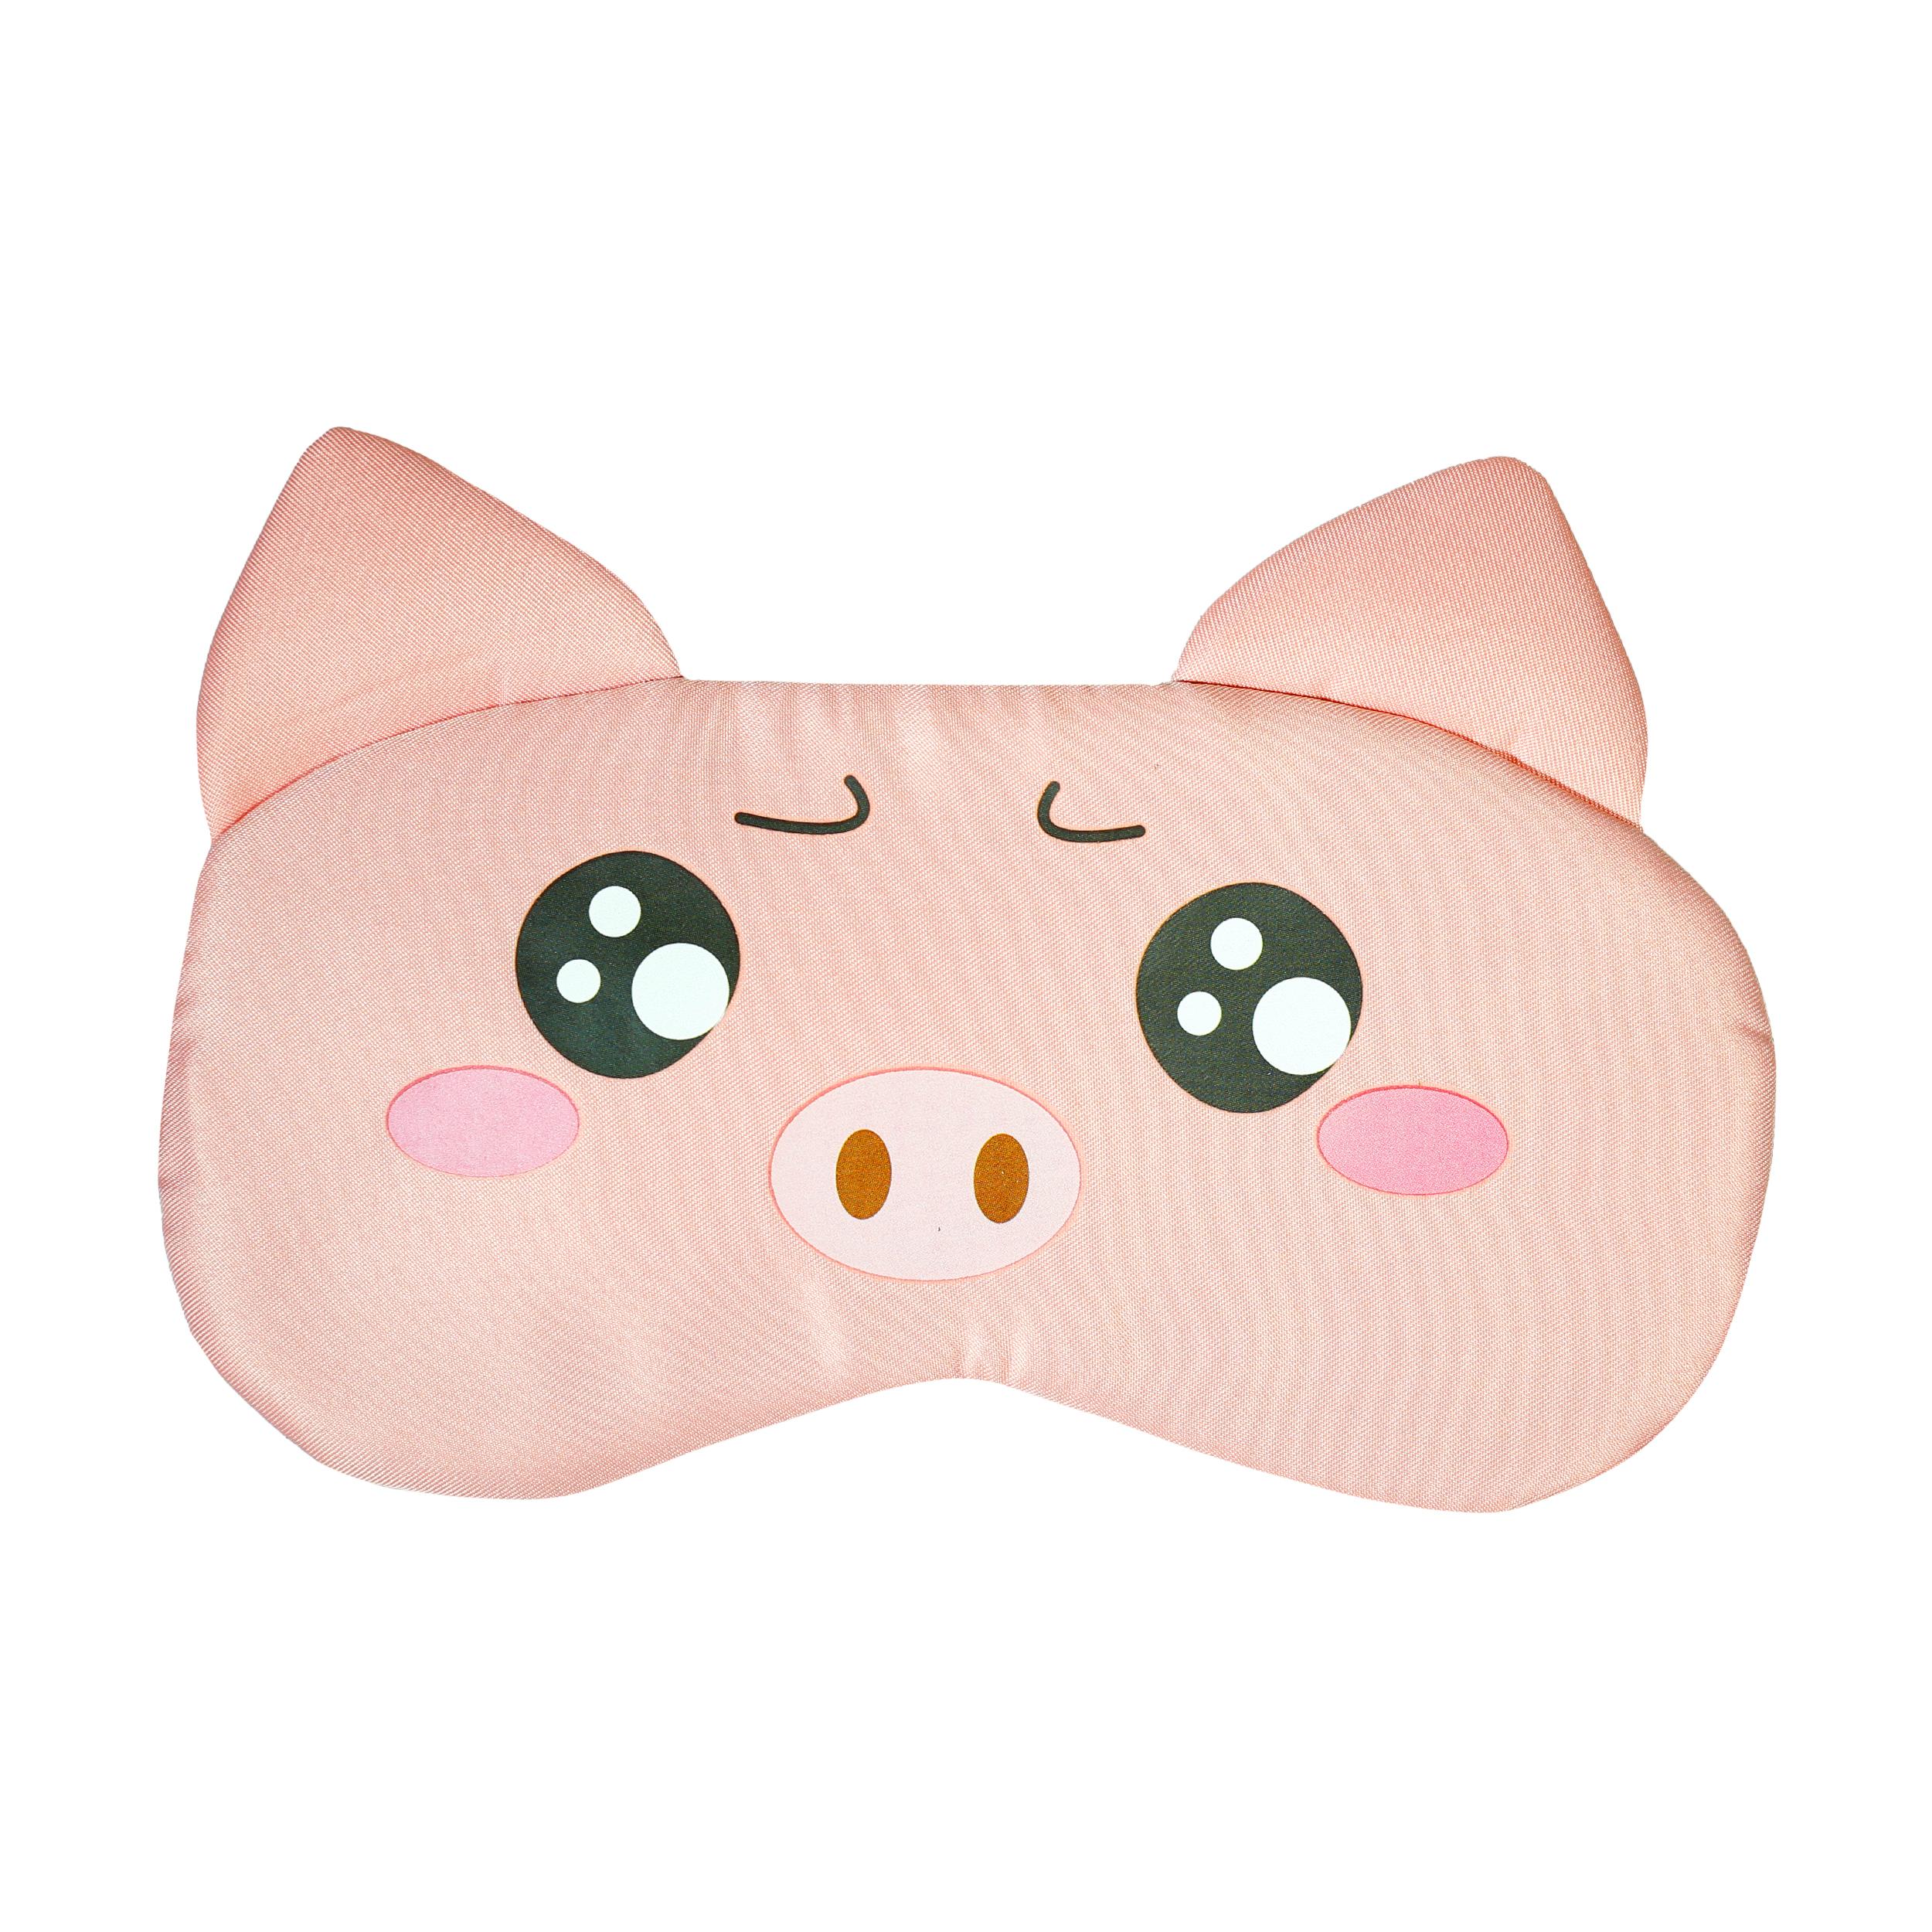 خرید                                      چشم بند خواب مدل خوک کد R231038